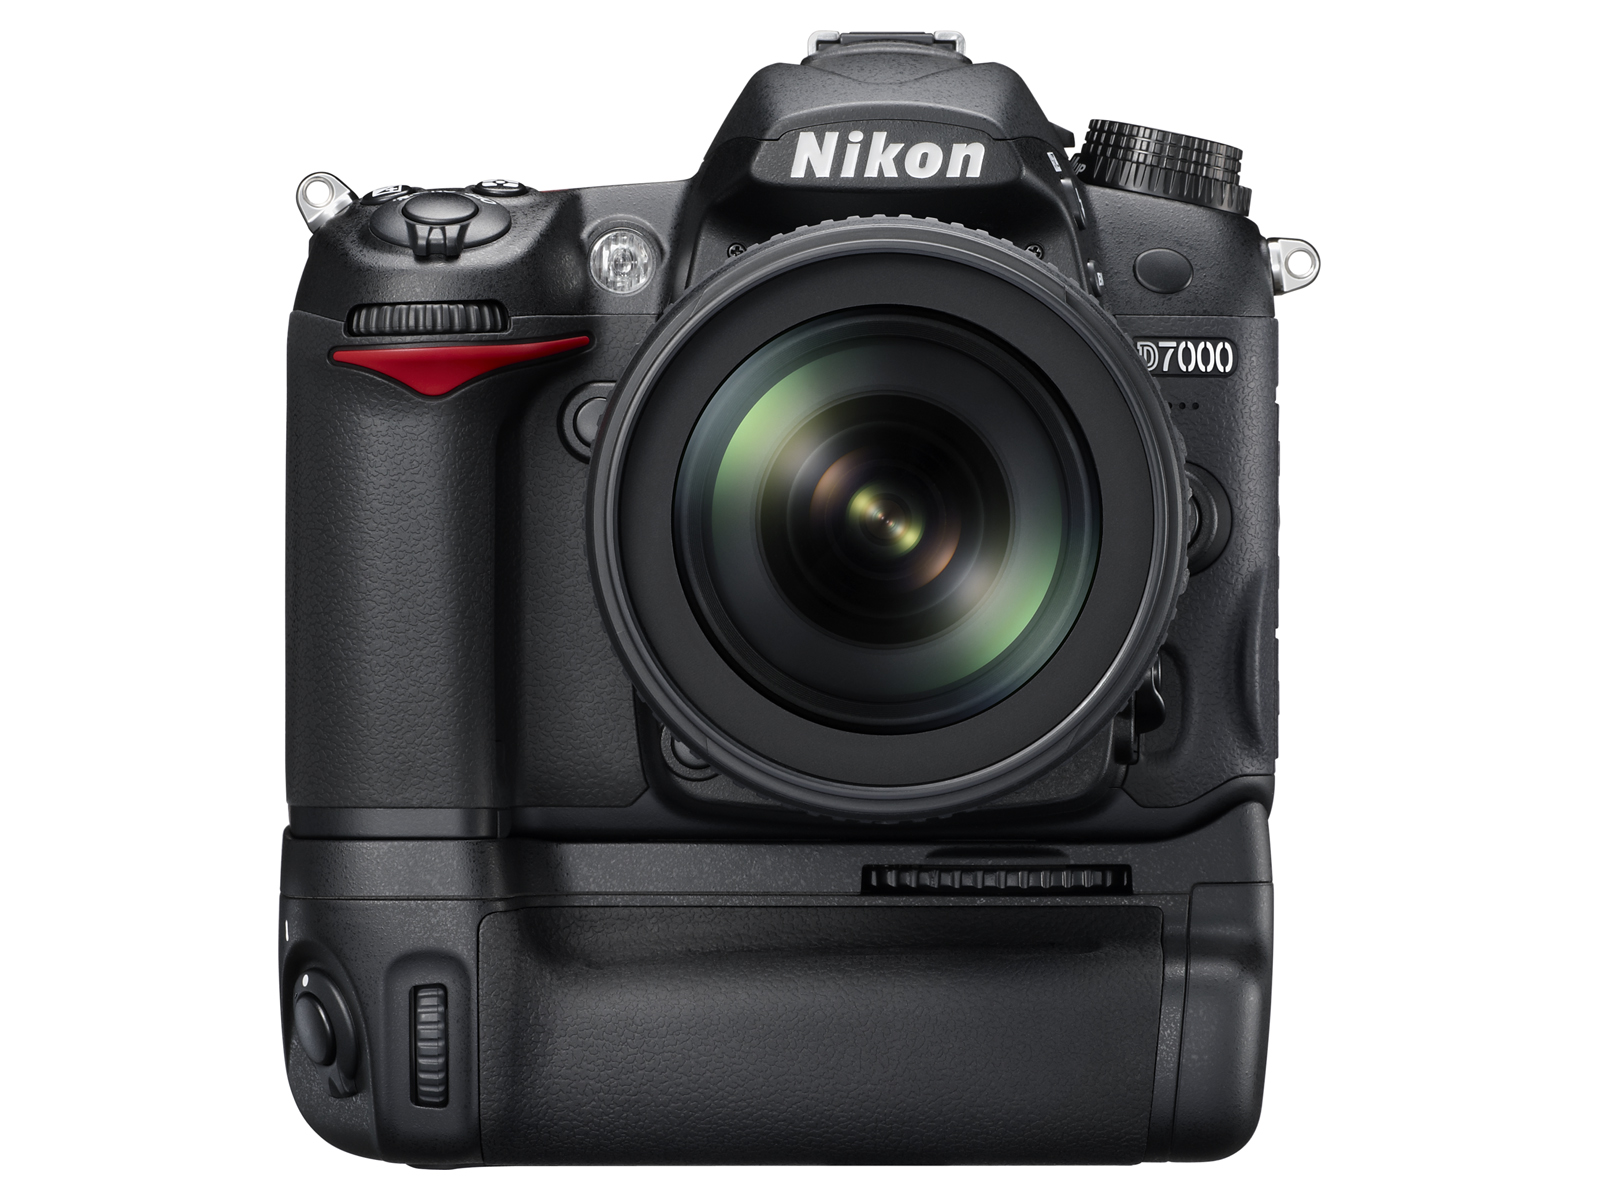 Nikon D7000 - 6